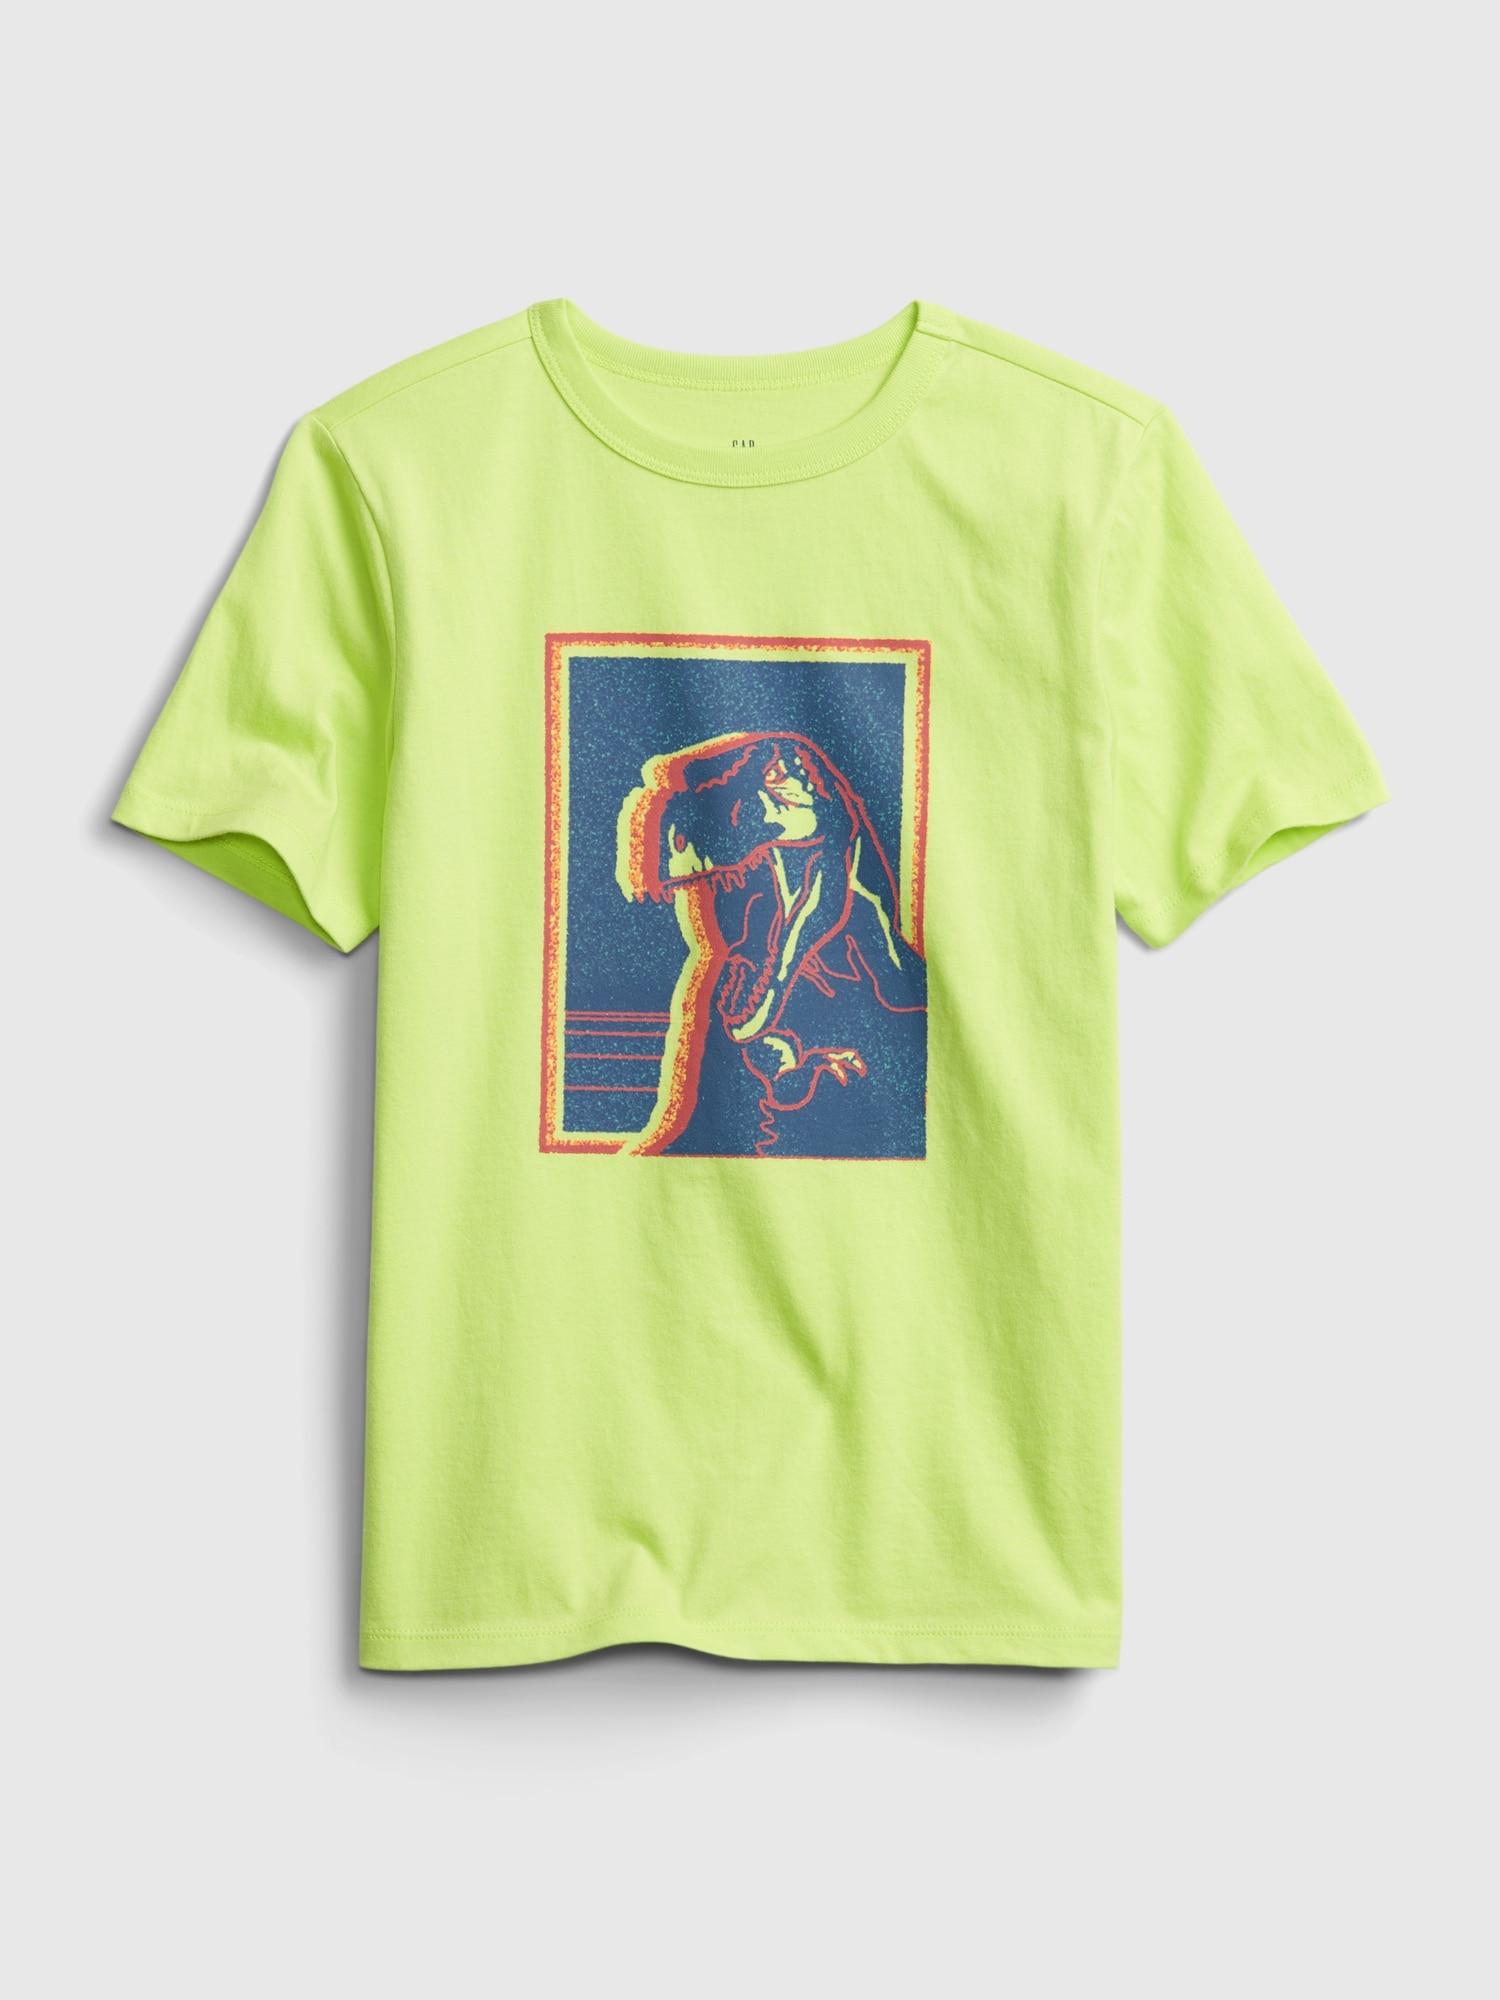 オーガニックグラフィックtシャツ (キッズ)